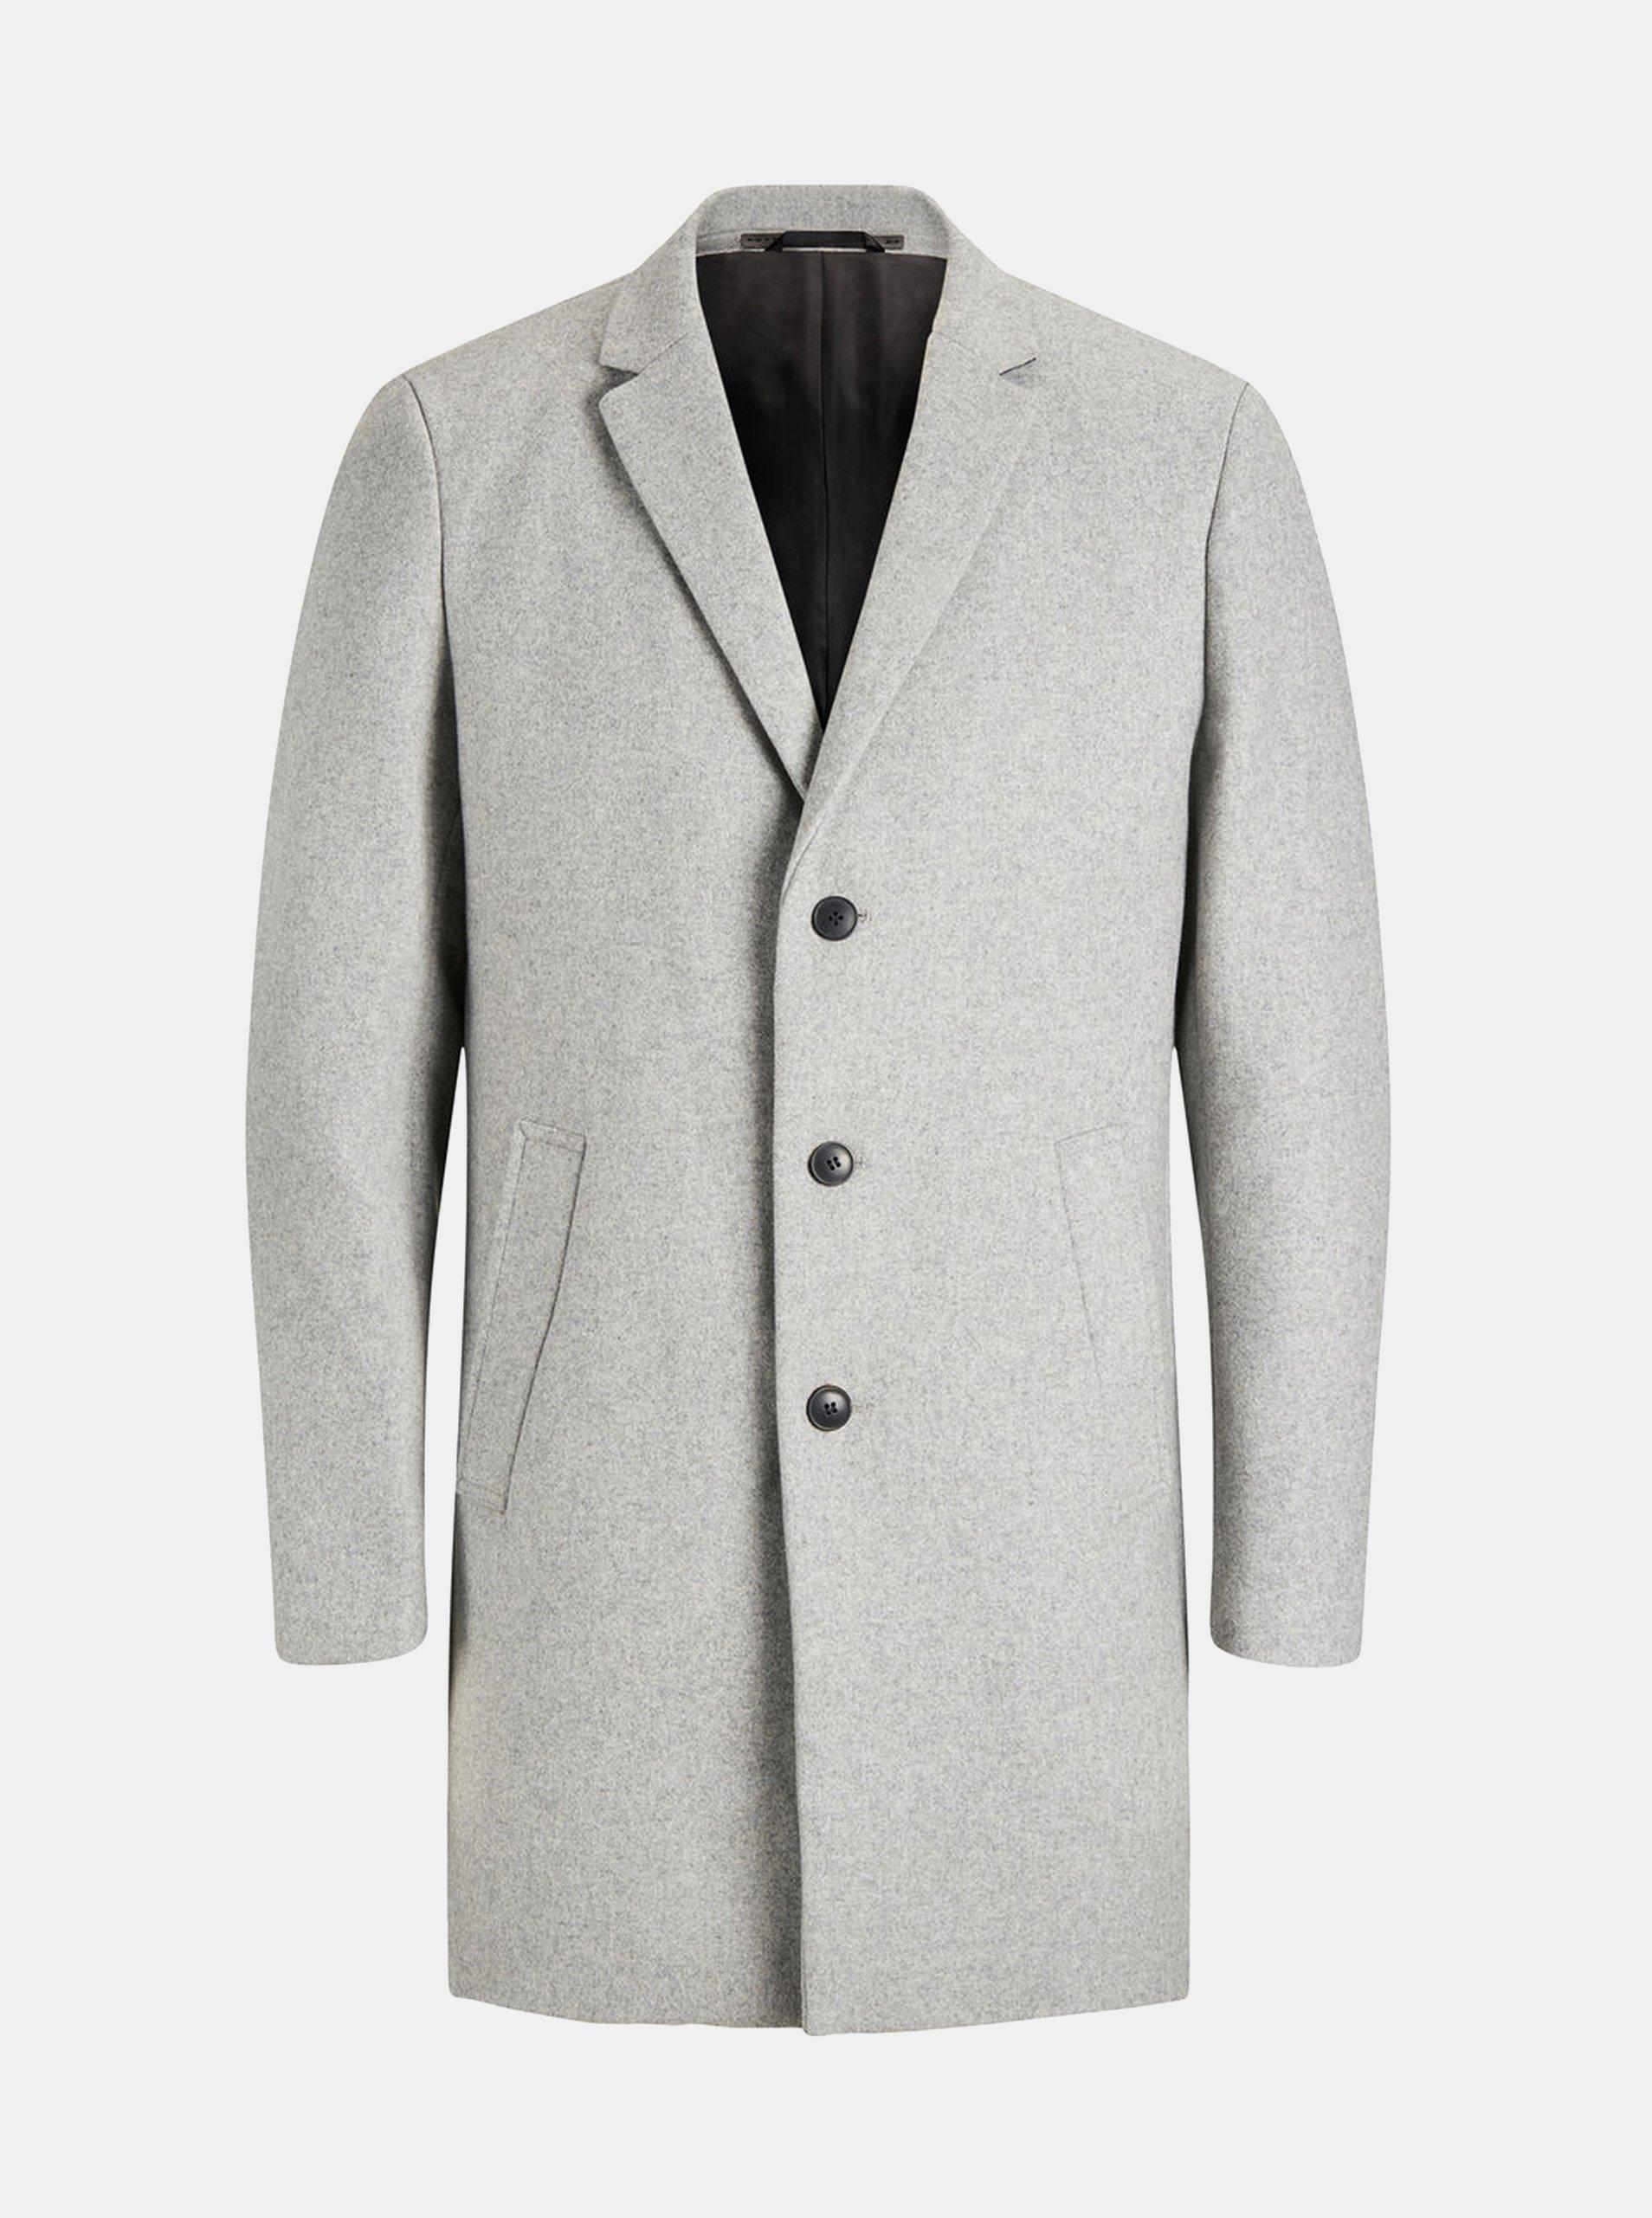 Šedý žíhaný propínací kabát s příměsí vlny Jack   Jones Morten 7931a3e1c1